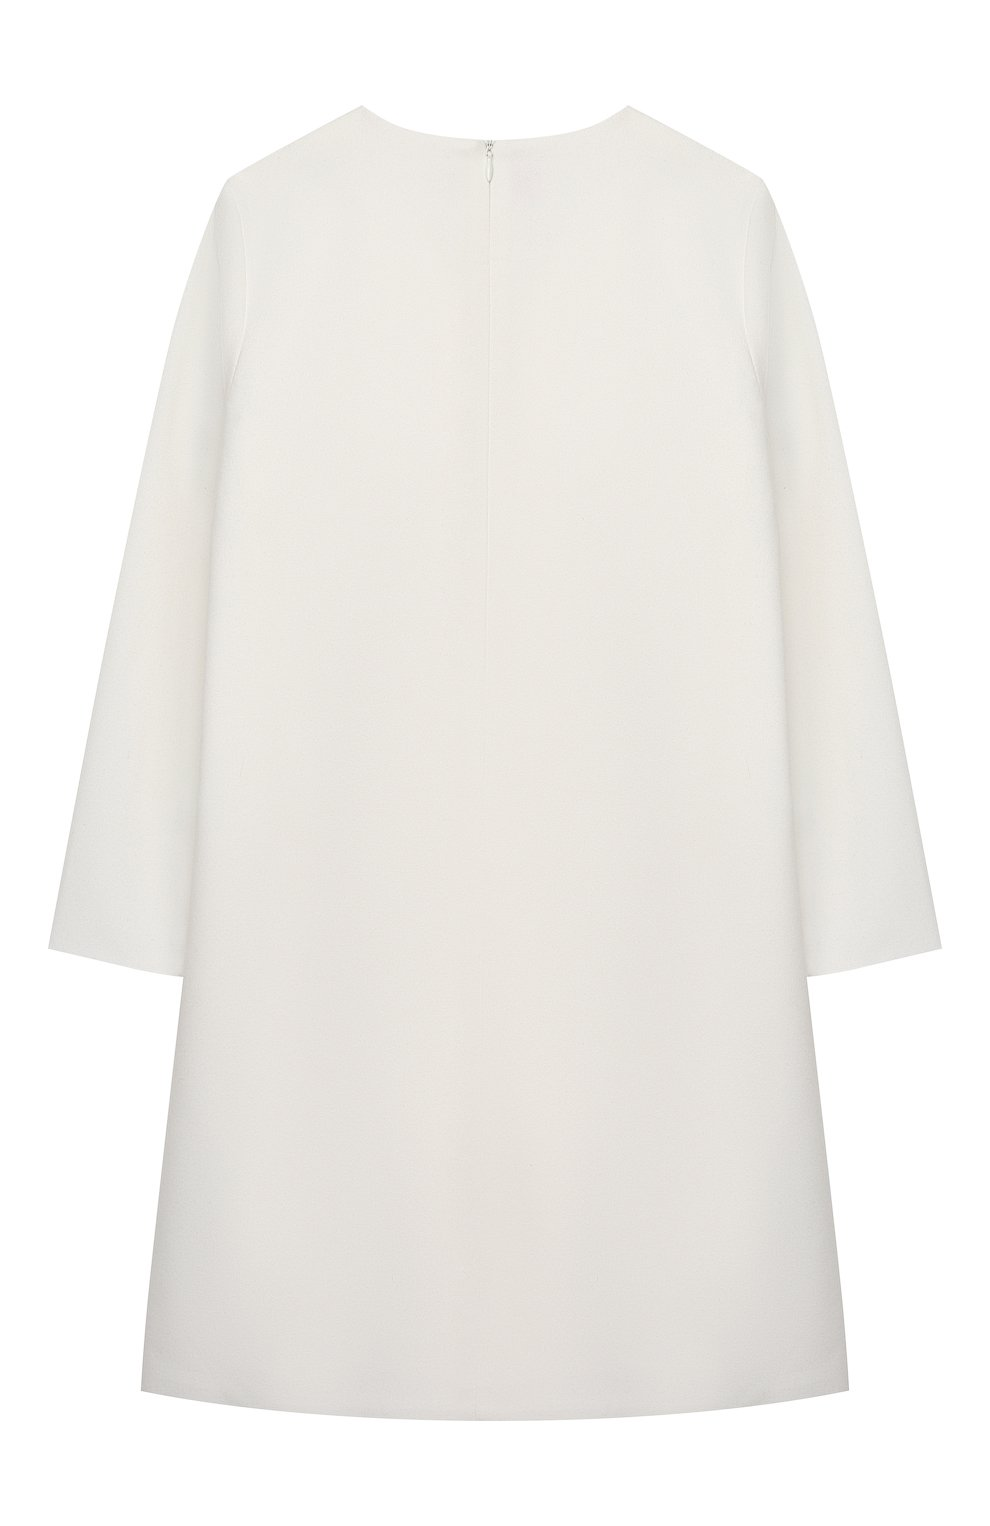 Детское платье IL GUFO белого цвета, арт. A20VL402W0003/10A-12A | Фото 2 (Рукава: Длинные; Случай: Повседневный; Материал внешний: Синтетический материал; Материал подклада: Синтетический материал; Девочки Кросс-КТ: Платье-одежда)